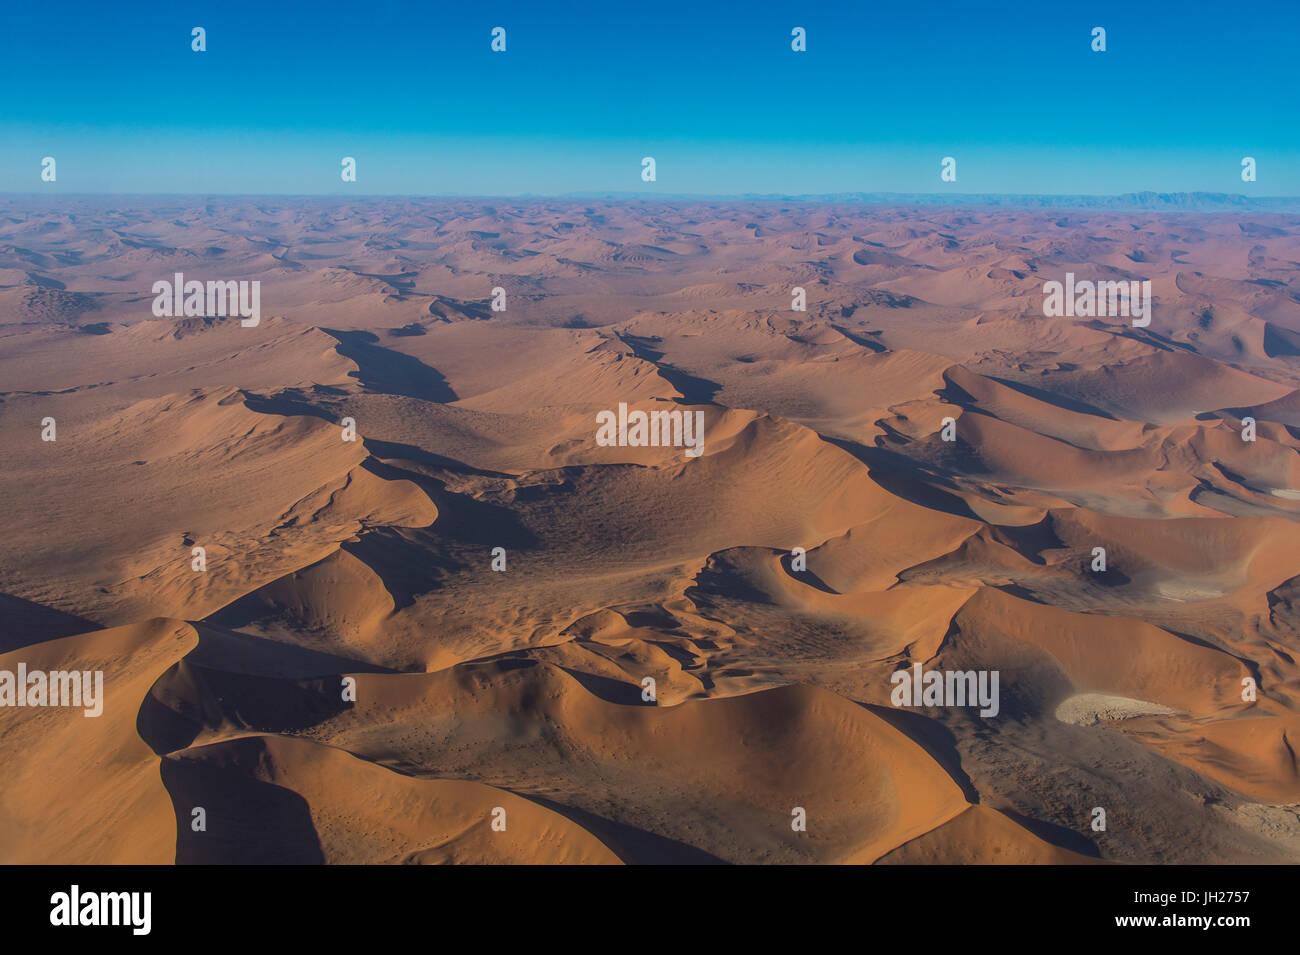 Aerial du désert du Namib, Namibie, Afrique Photo Stock